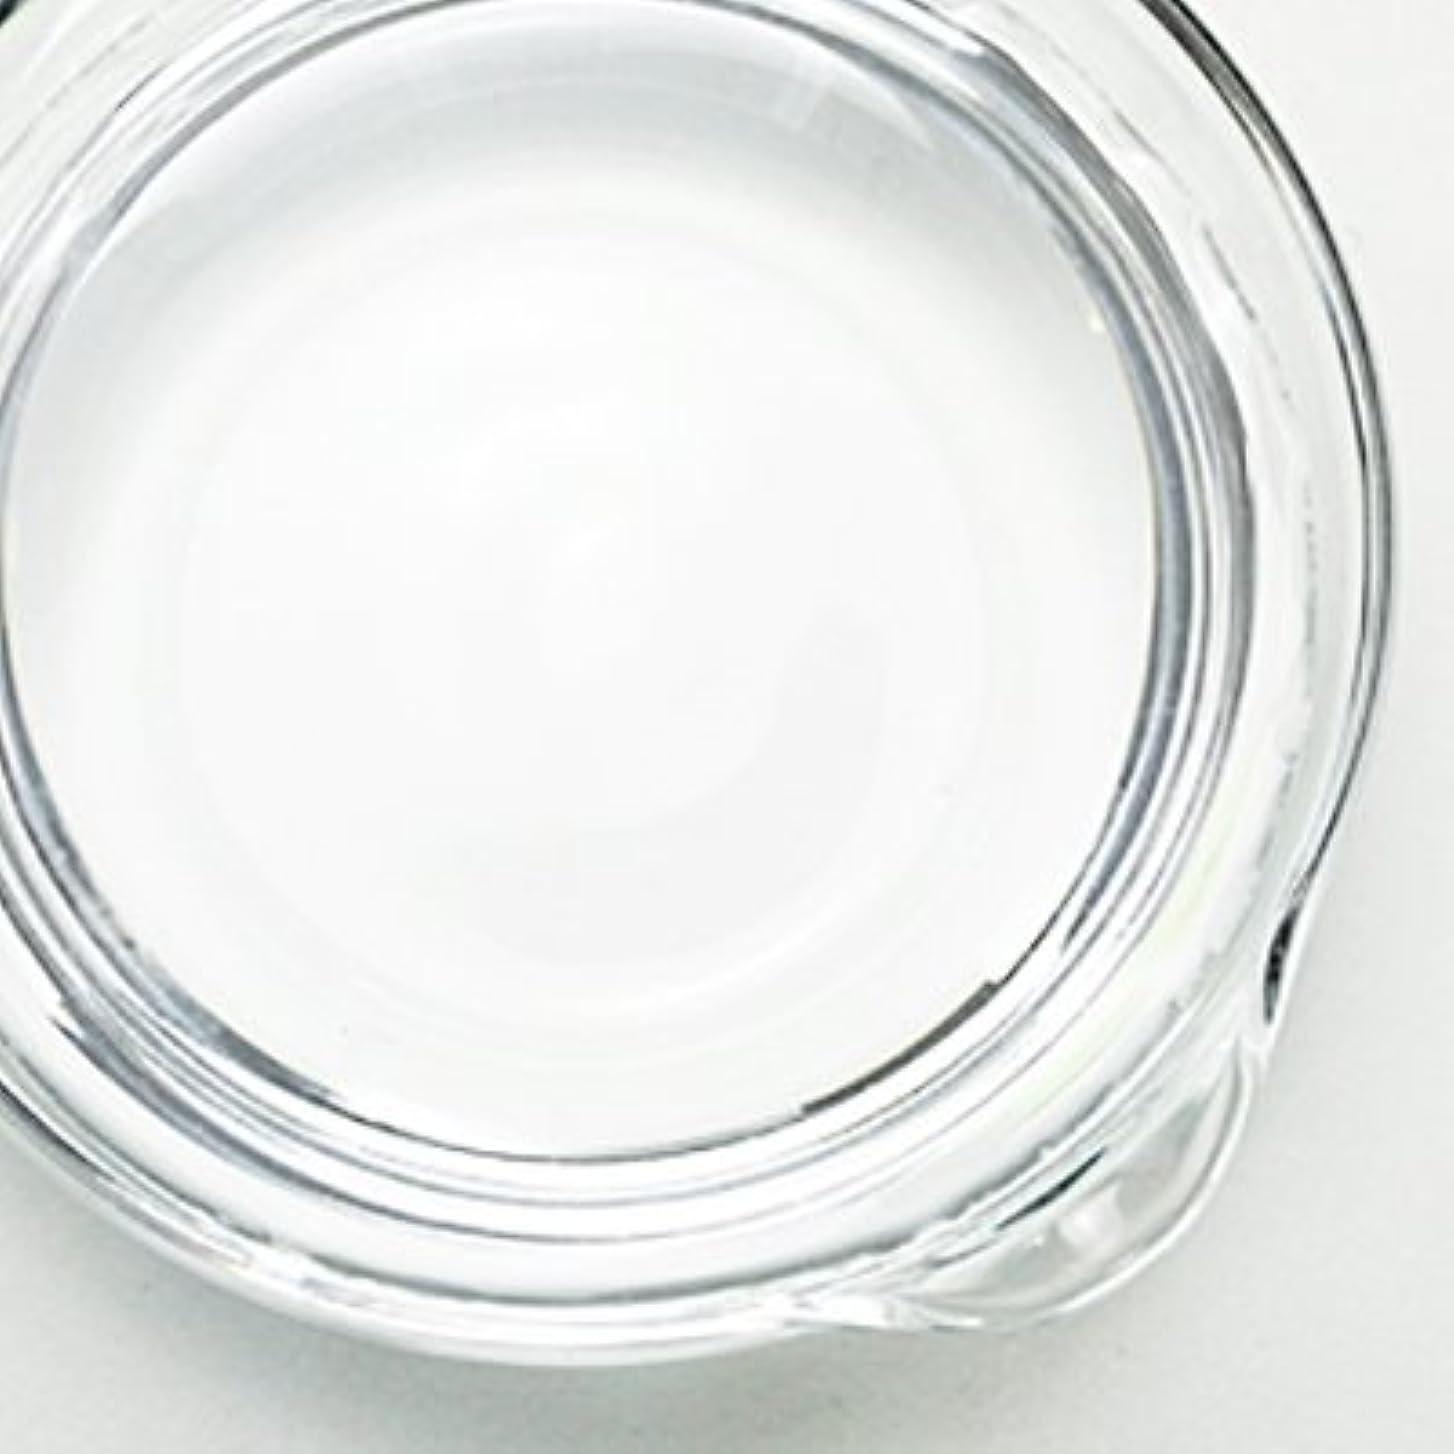 中絶ヘロイン請求書1,3-ブチレングリコール[BG] 500ml 【手作り石鹸/手作りコスメ】